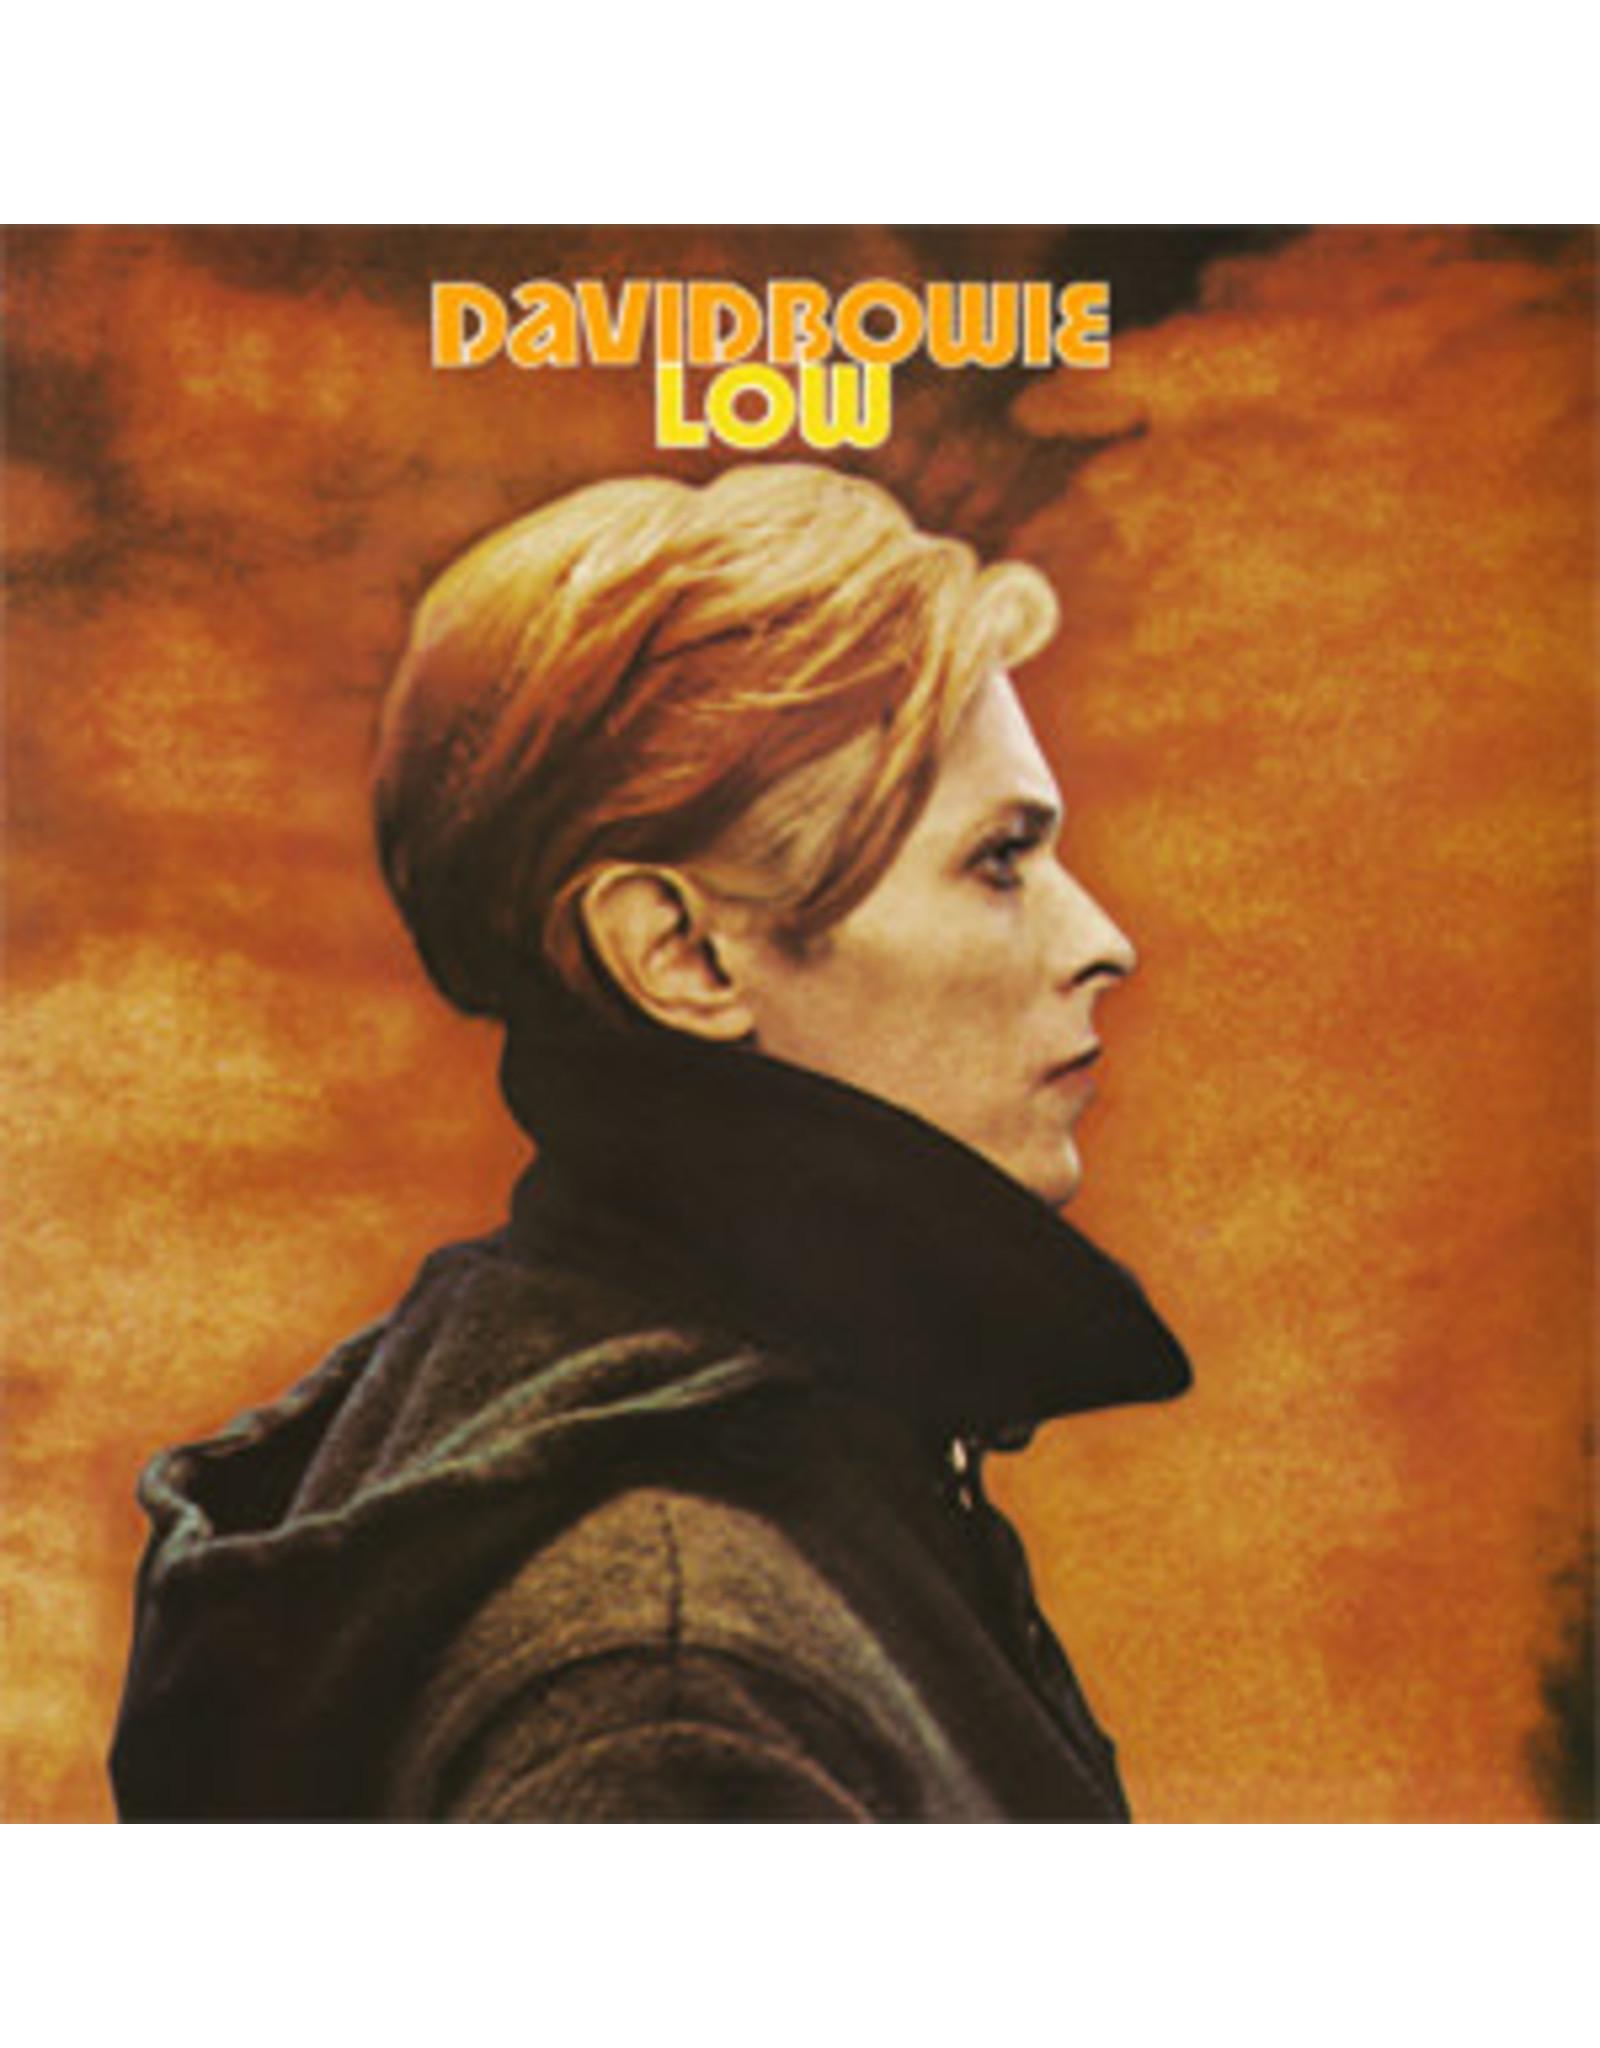 Bowie, David - Low LP